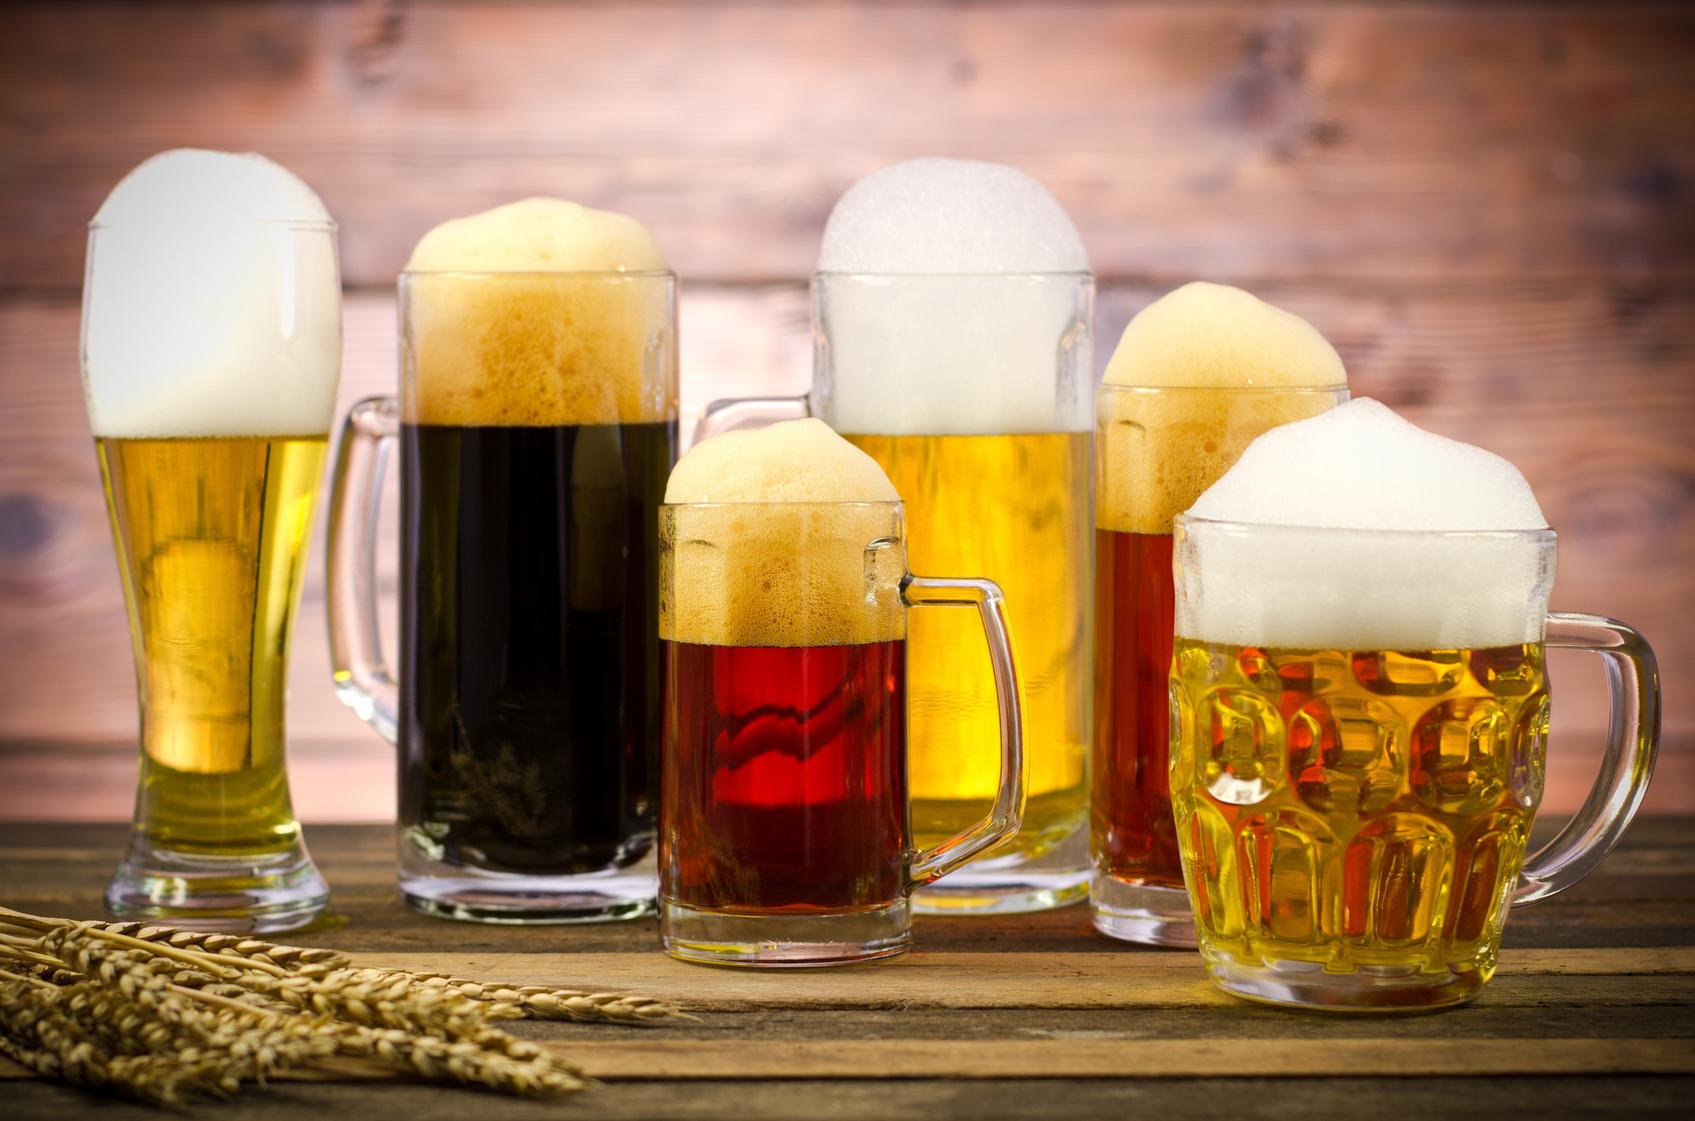 Bild zeigt Bierkrüge und die Notwendigkeit von Suchtprävention und Gesundheitsförderung